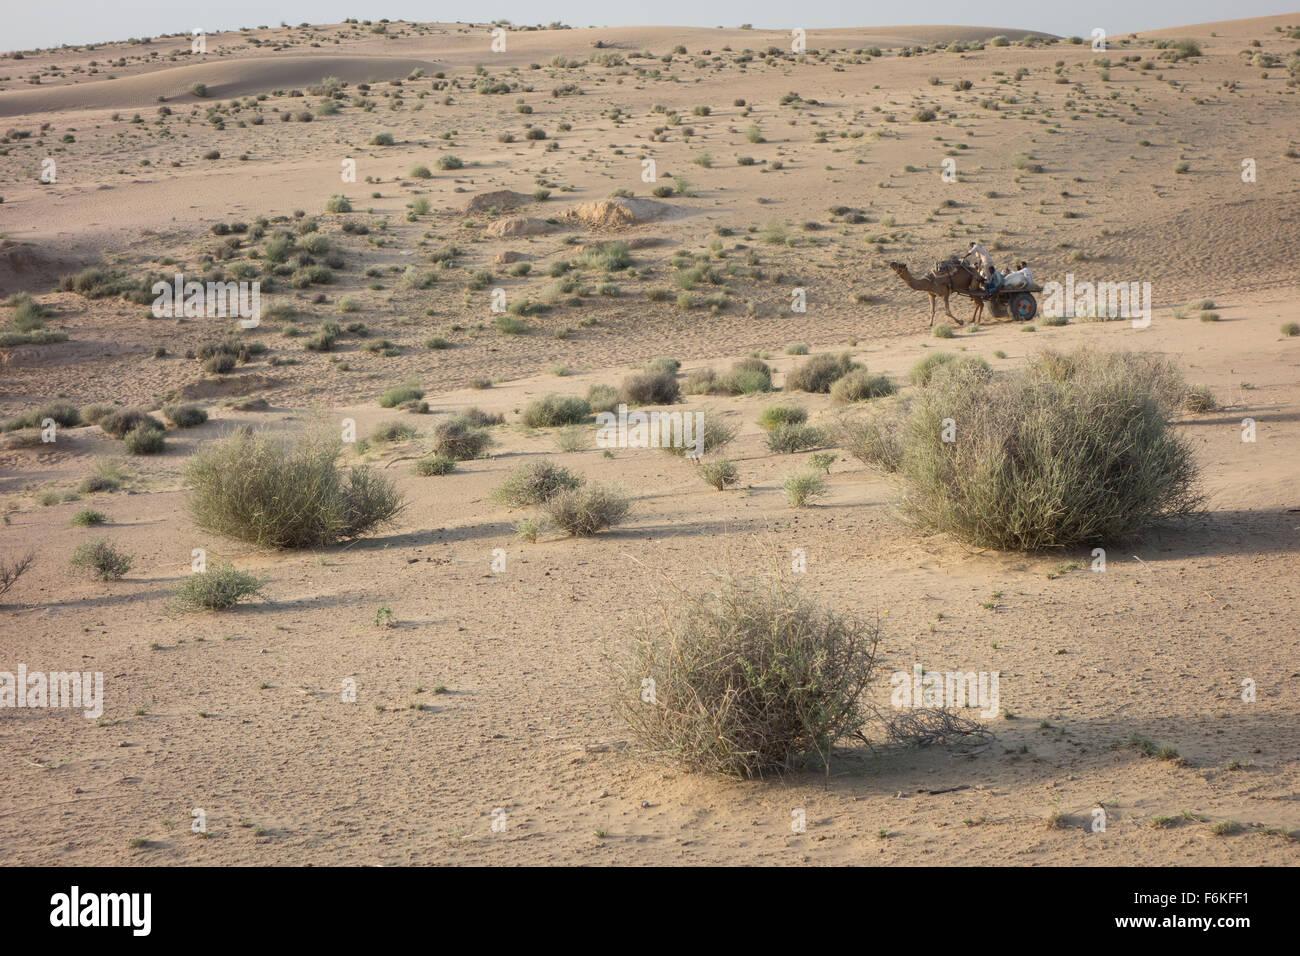 Un lavoro di matasse di cammello un carrello portare uomini e bestiame. Deserto di Thar, Rajasthan, India. Immagini Stock